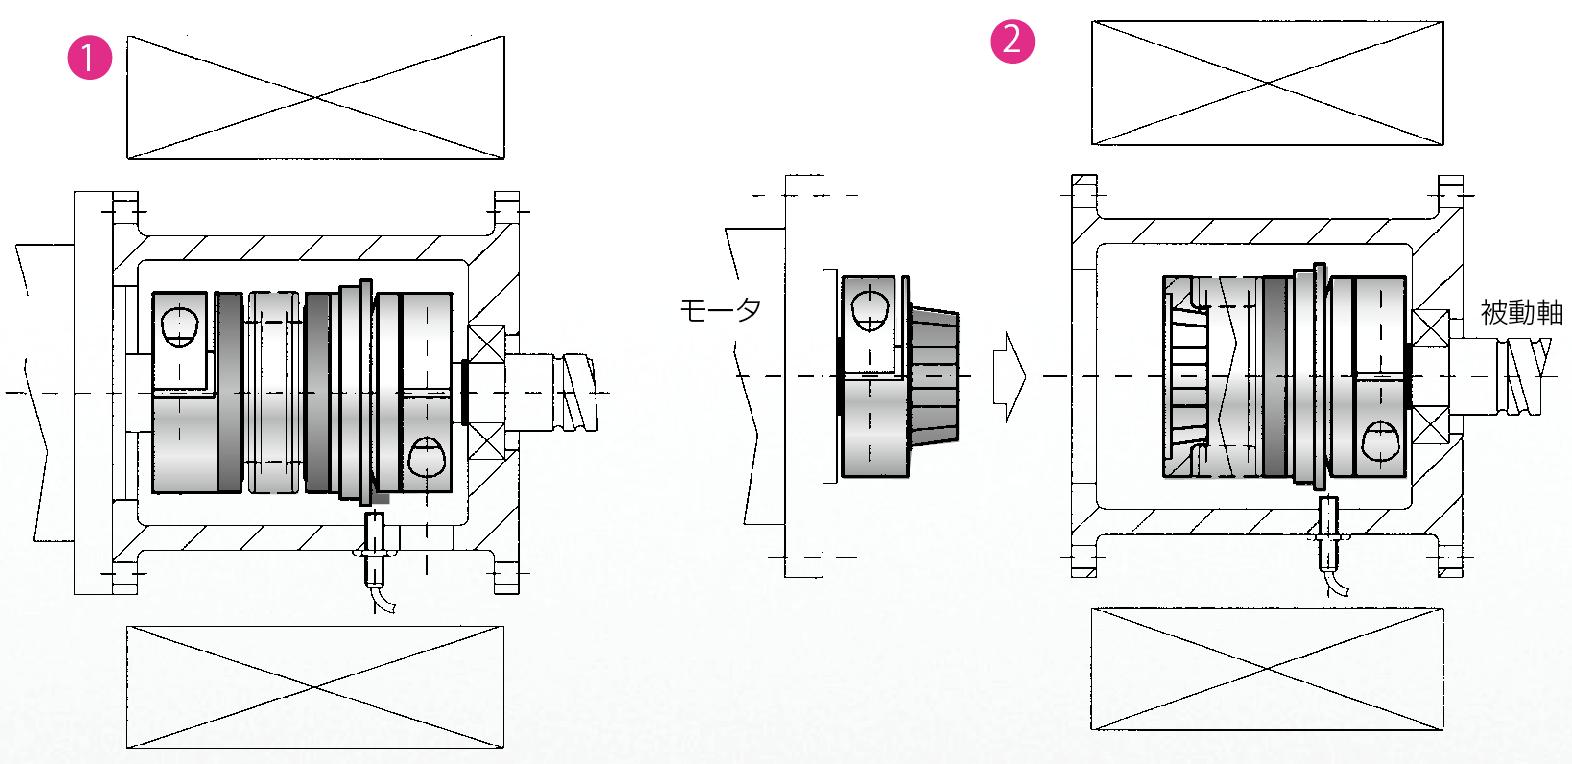 msk5の用途図 マイティの安全クラッチトルクリミッタ